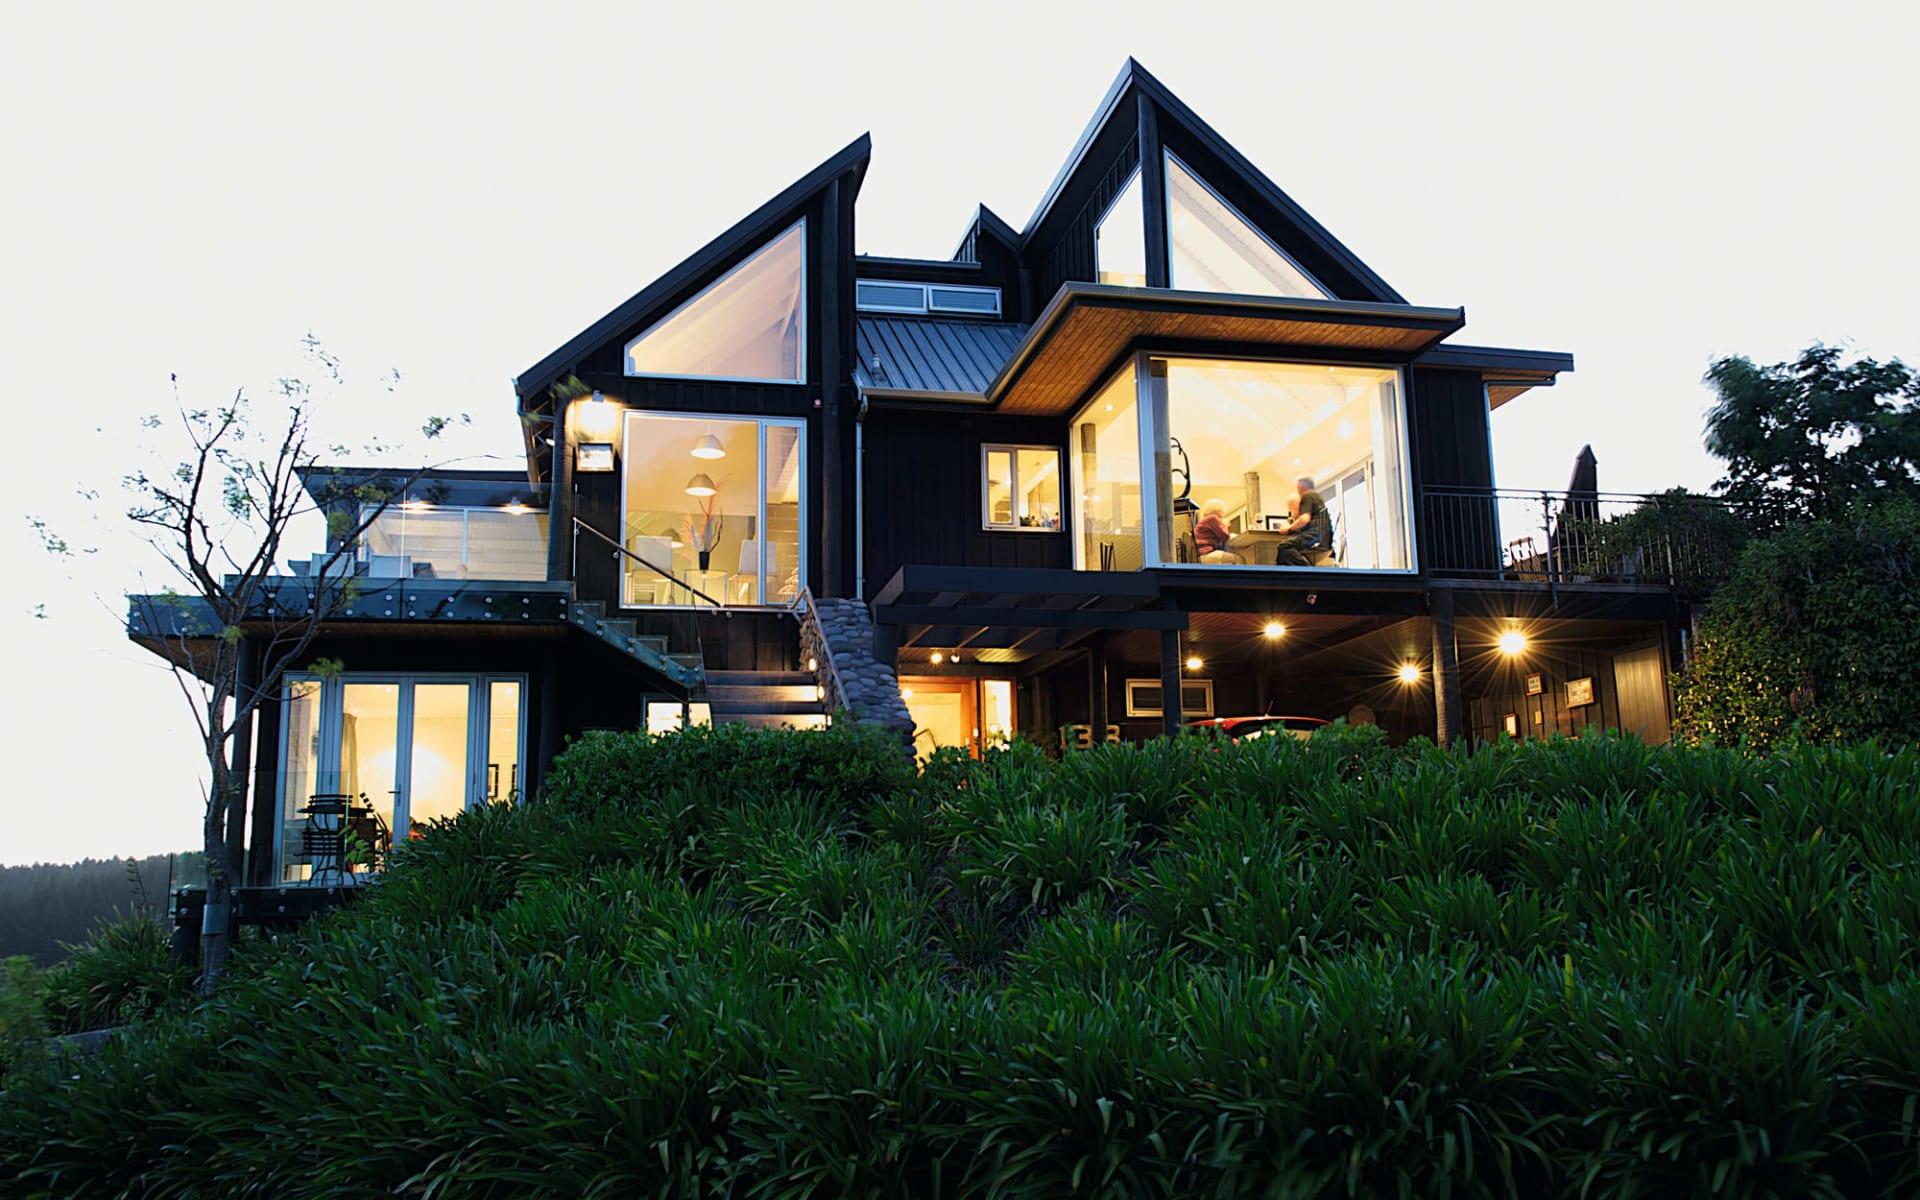 Acacia Cliffs Lodge in Taupo:  Acacia Cliffs Lodge Taupo Neuseeland - Aussenansicht des Gebäudes während dem Eindunkeln 2017